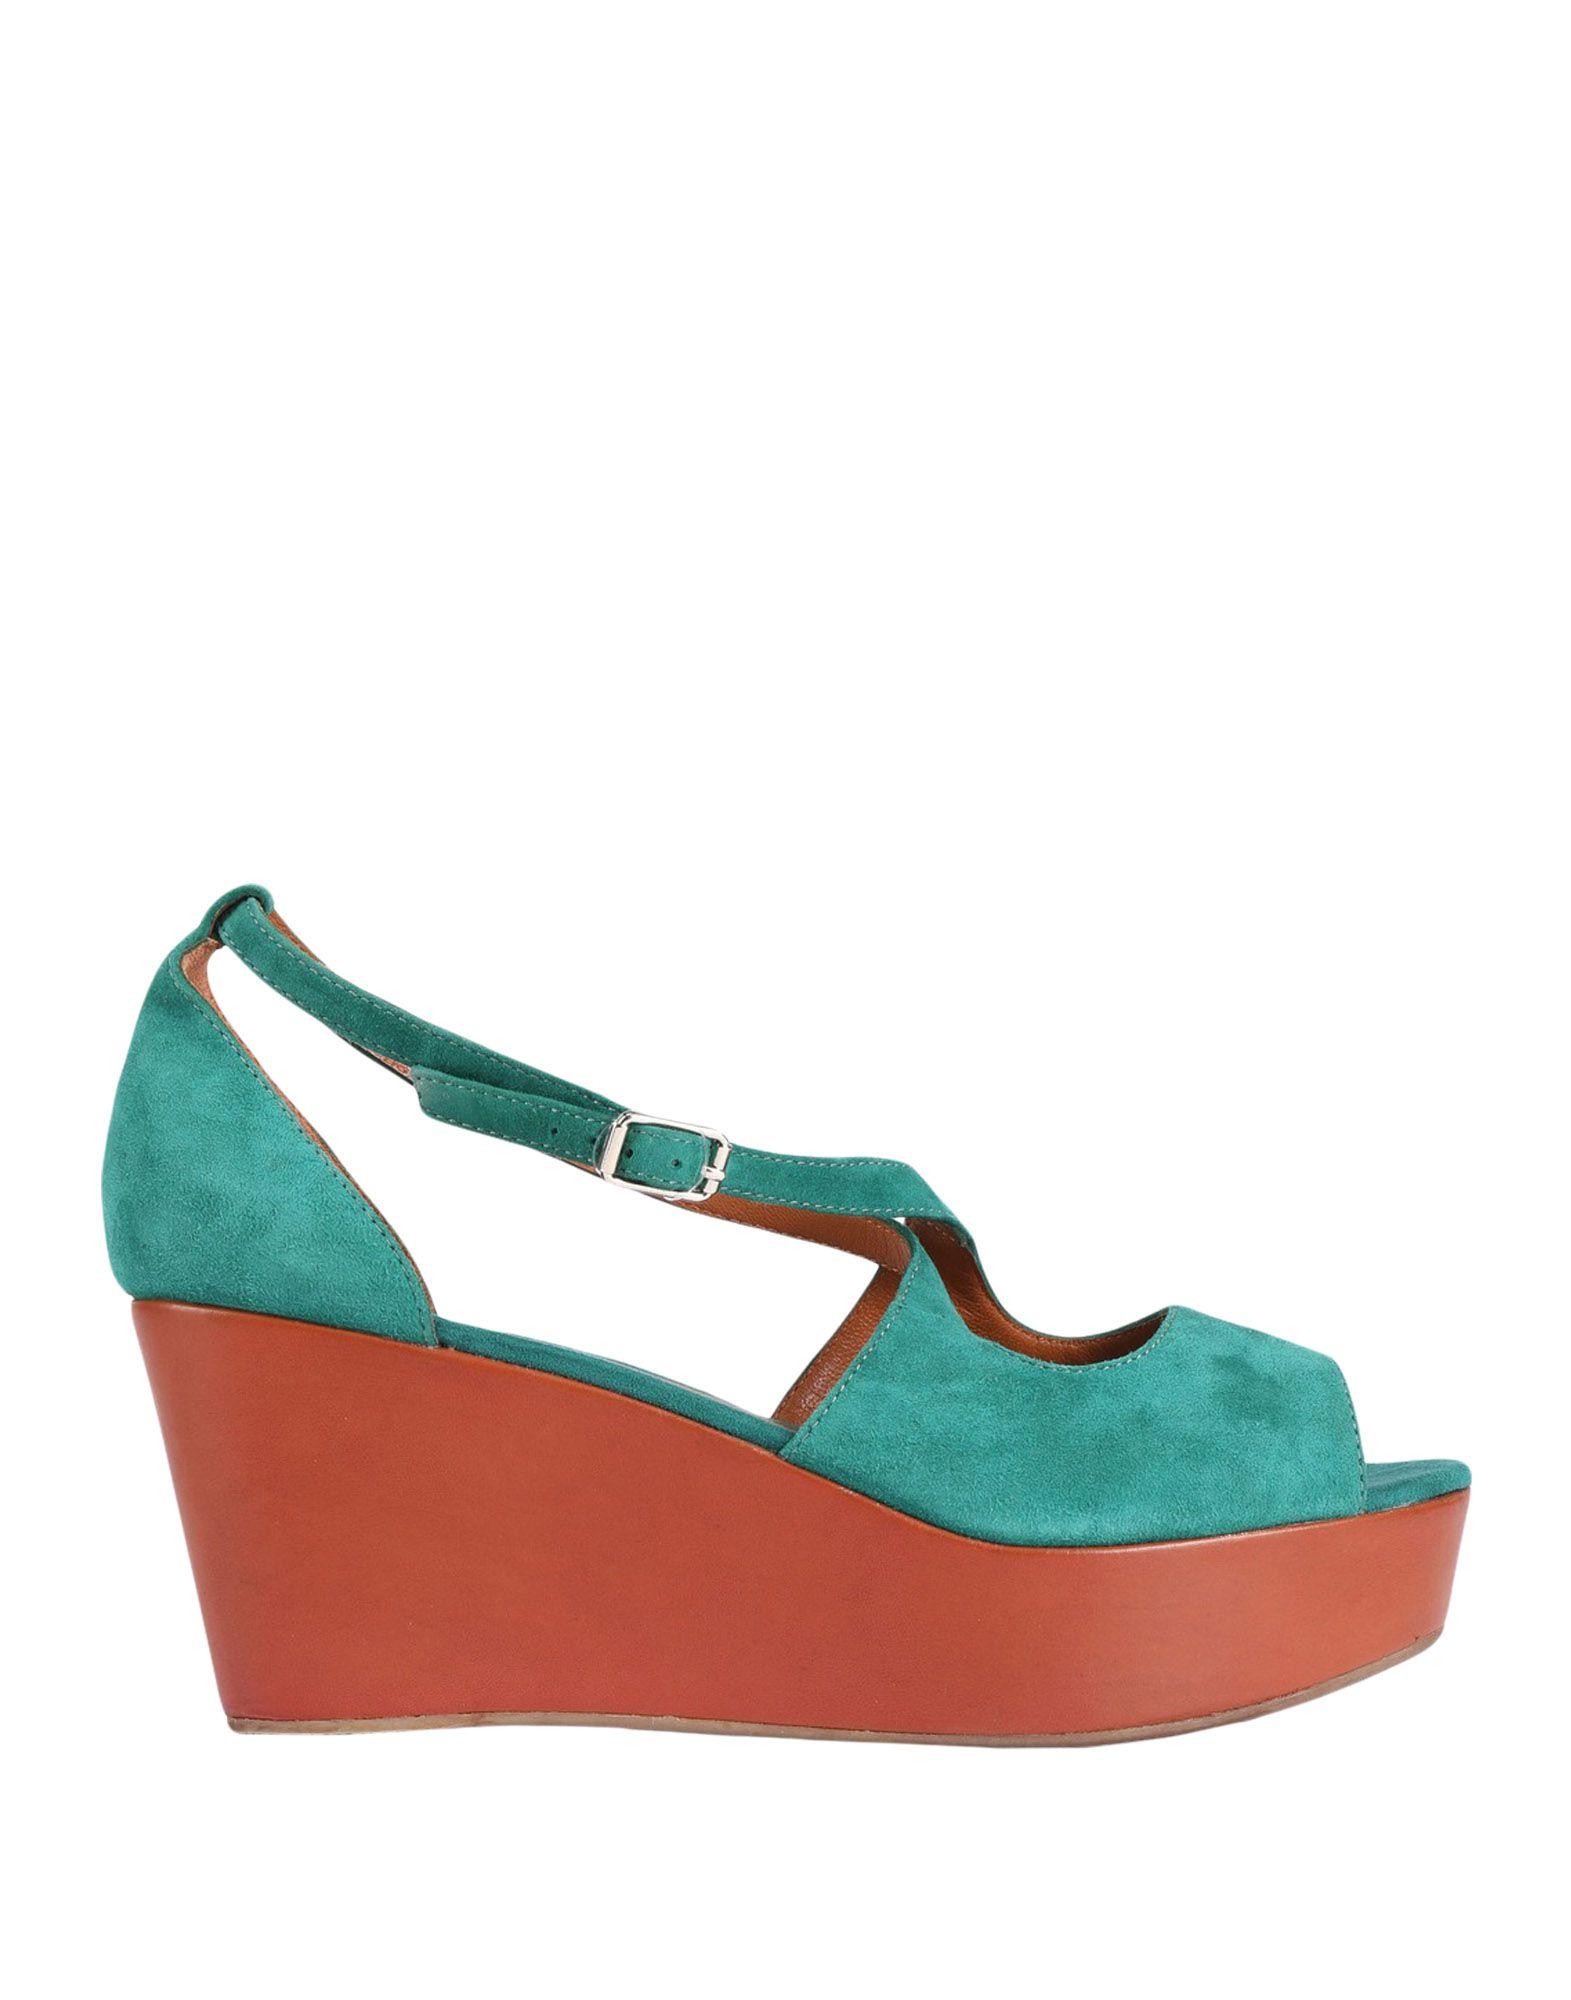 Bruno Premi Sandalen Damen  11527606RW Gute Qualität beliebte Schuhe